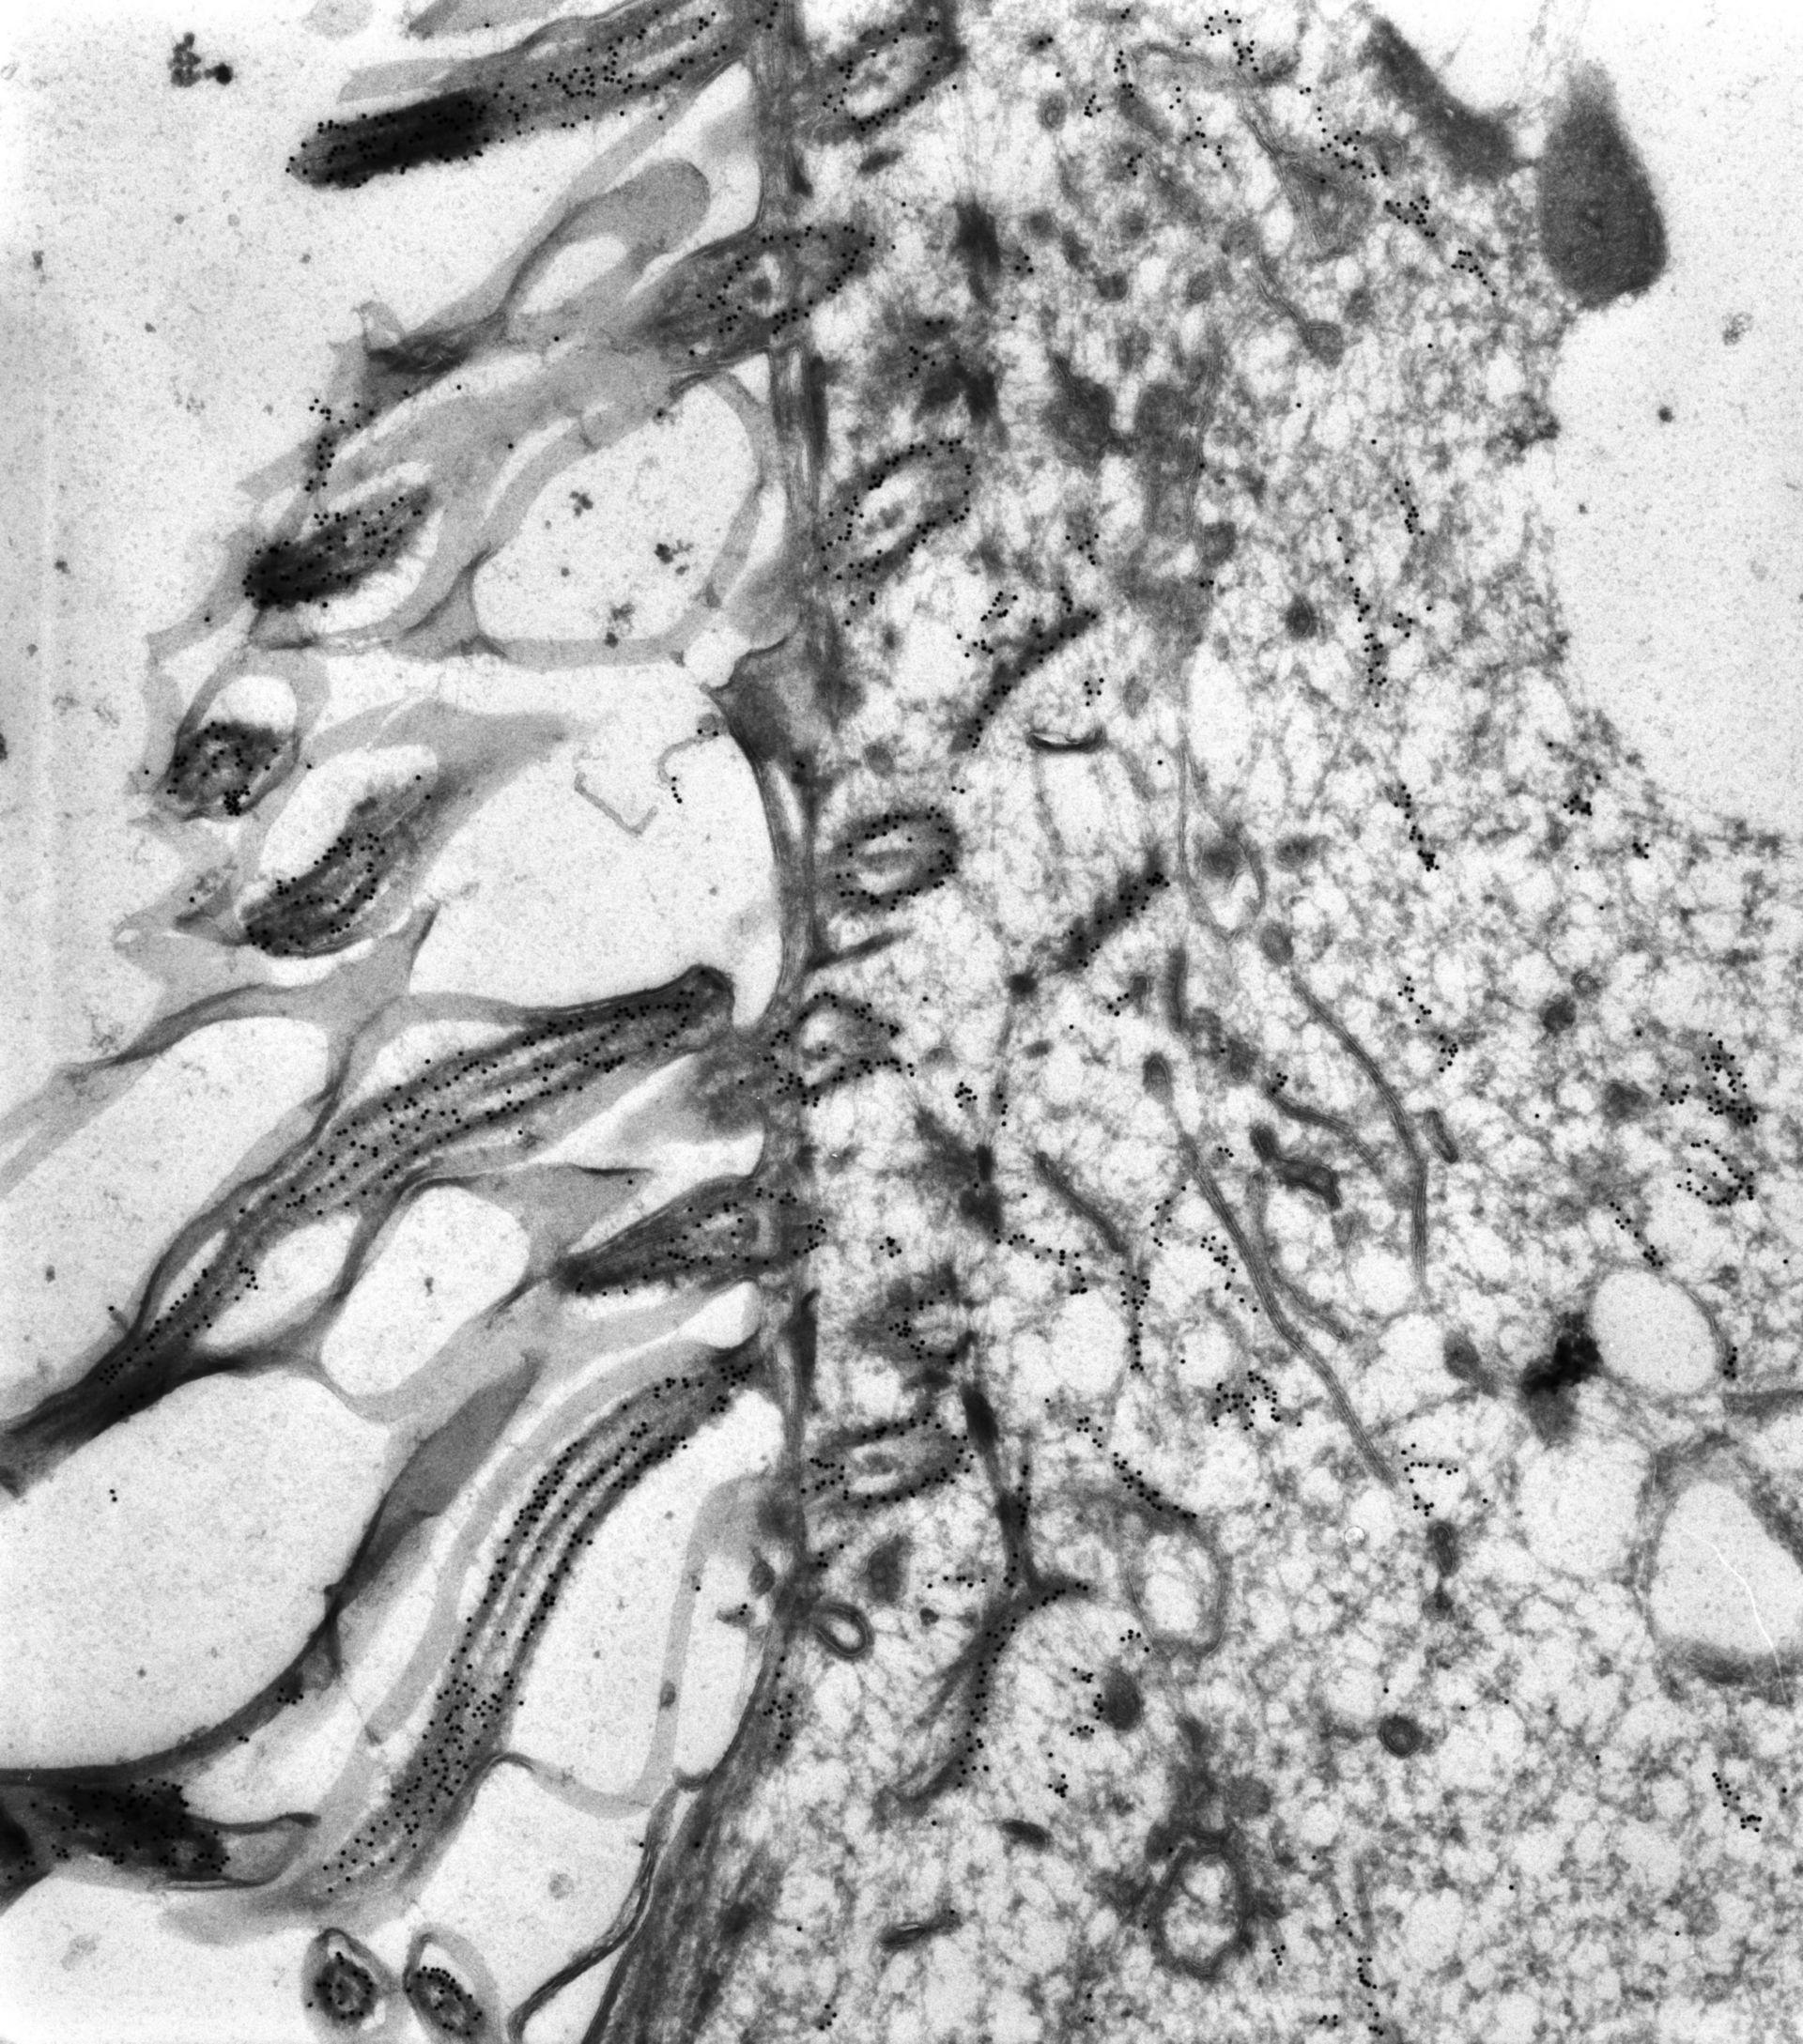 Paramecium tetraurelia (corpo basale del microtubulo) - CIL:38687